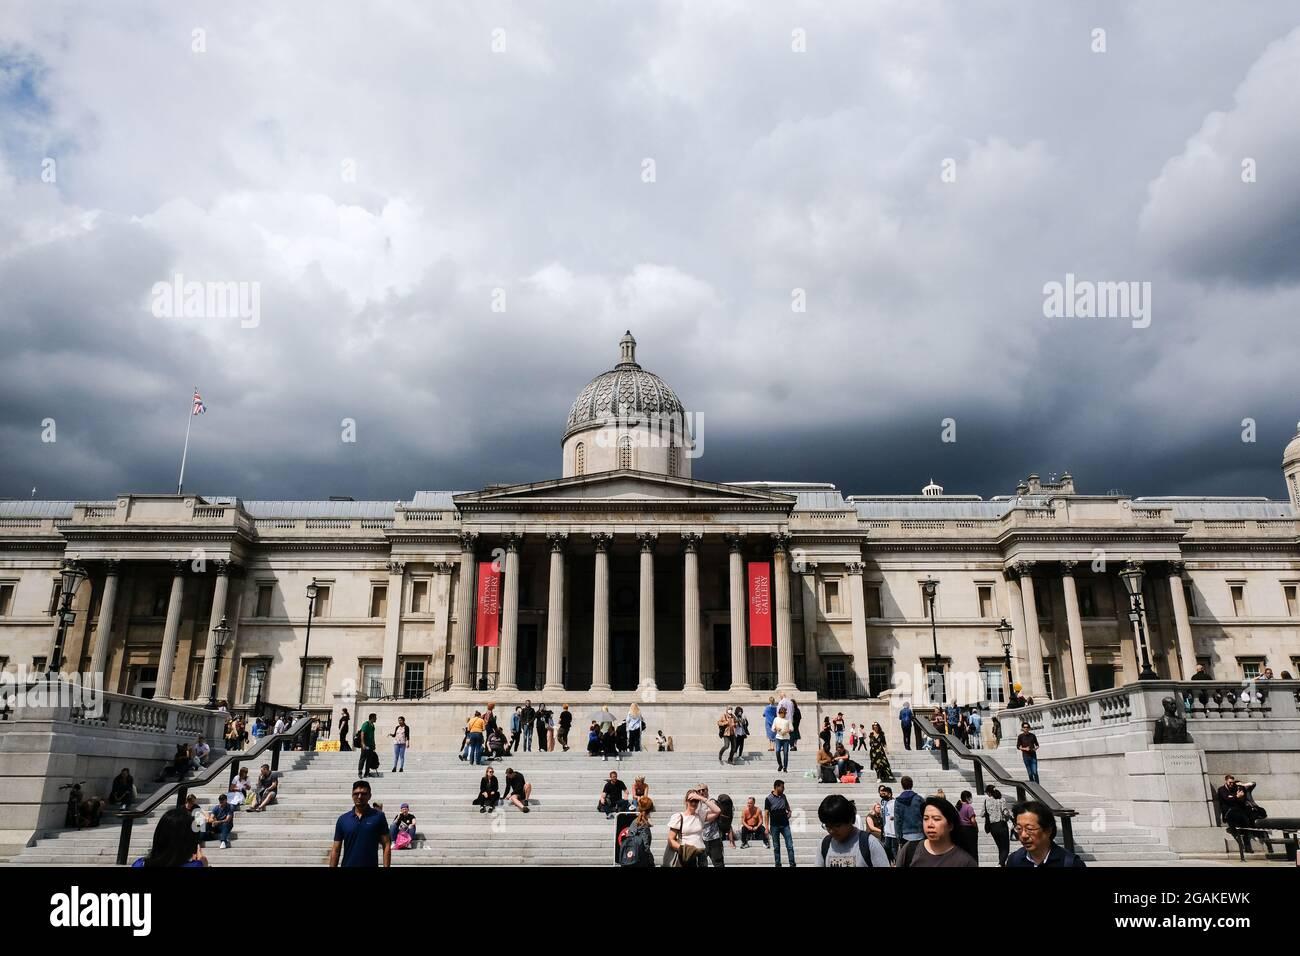 Trafalgar Square, Londres, Royaume-Uni. 31 juillet 2021. Météo au Royaume-Uni : nuages noirs au-dessus du centre de Londres. Crédit : Matthew Chattle/Alay Live News Banque D'Images